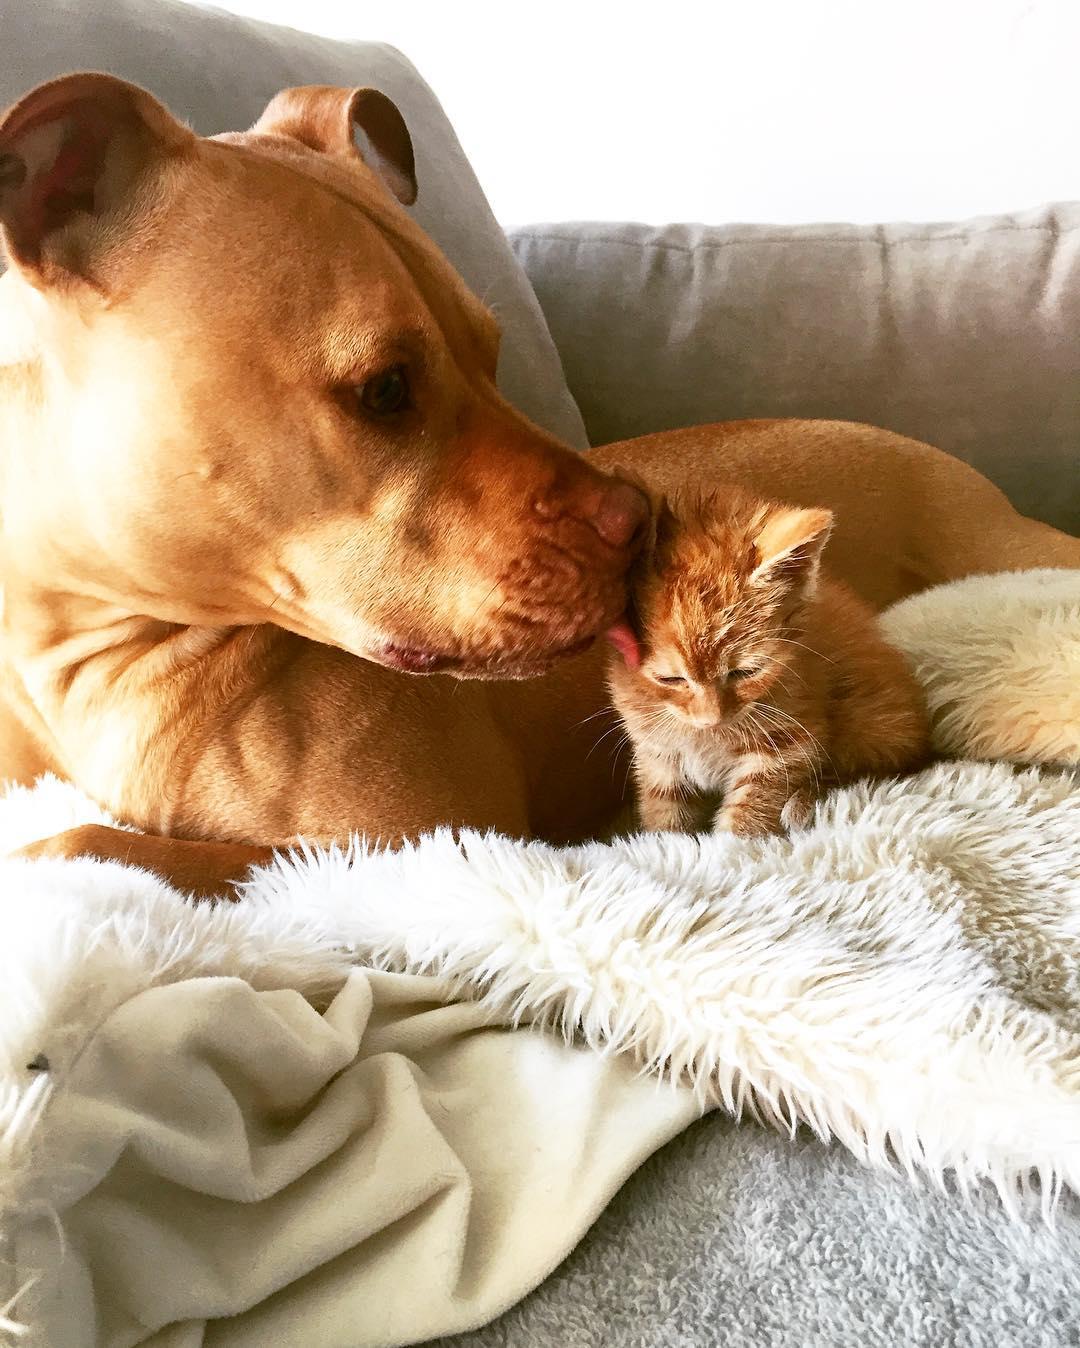 Kölykeként neveli a kiscicát a mentett pitbull